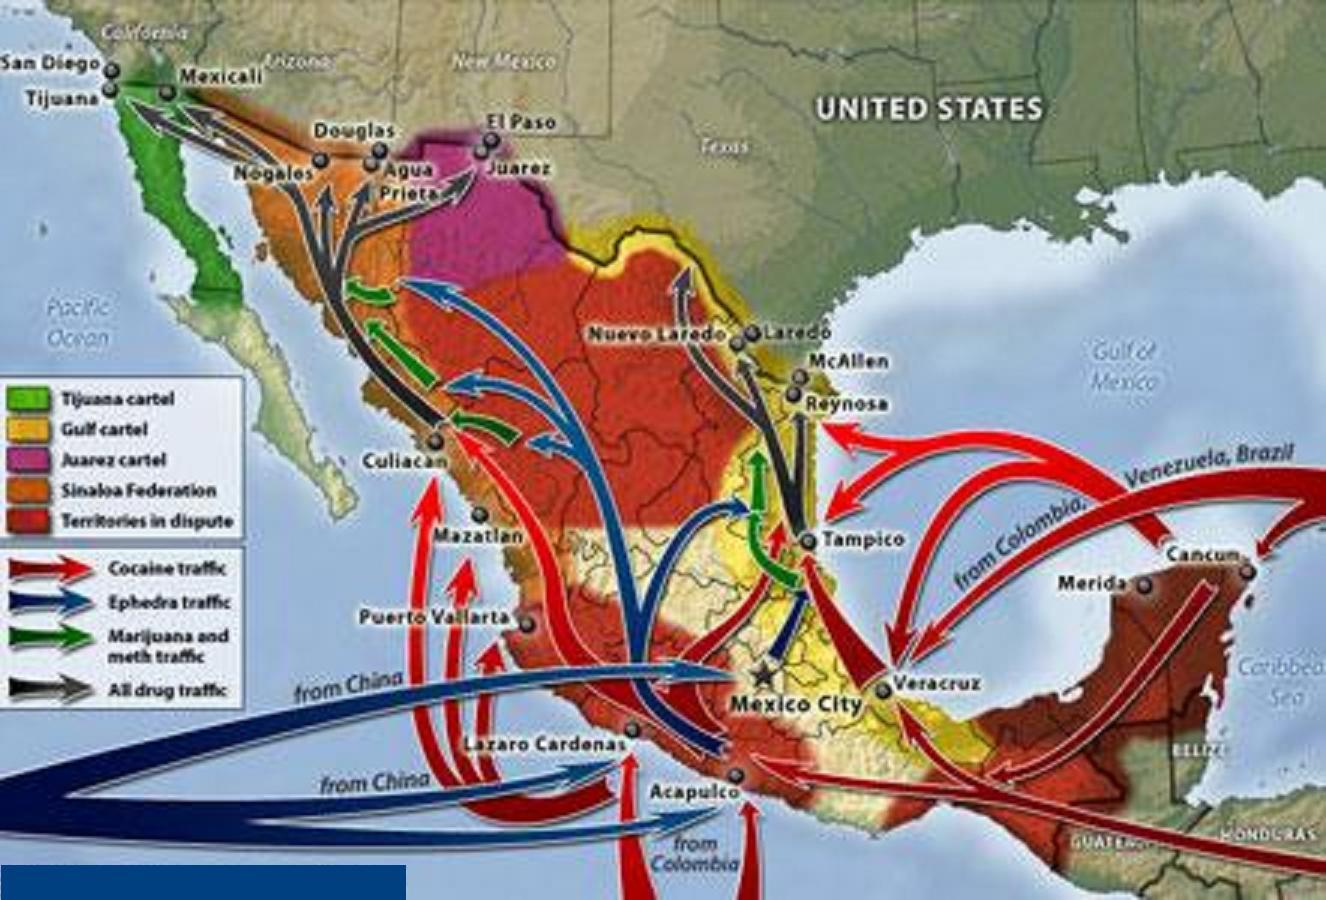 LA LINEA Z BELTRAL LEYVA AZTECAS VALENCIA CONTRA EL CHAPO Mapa+del+narcotrafico+en+mexico